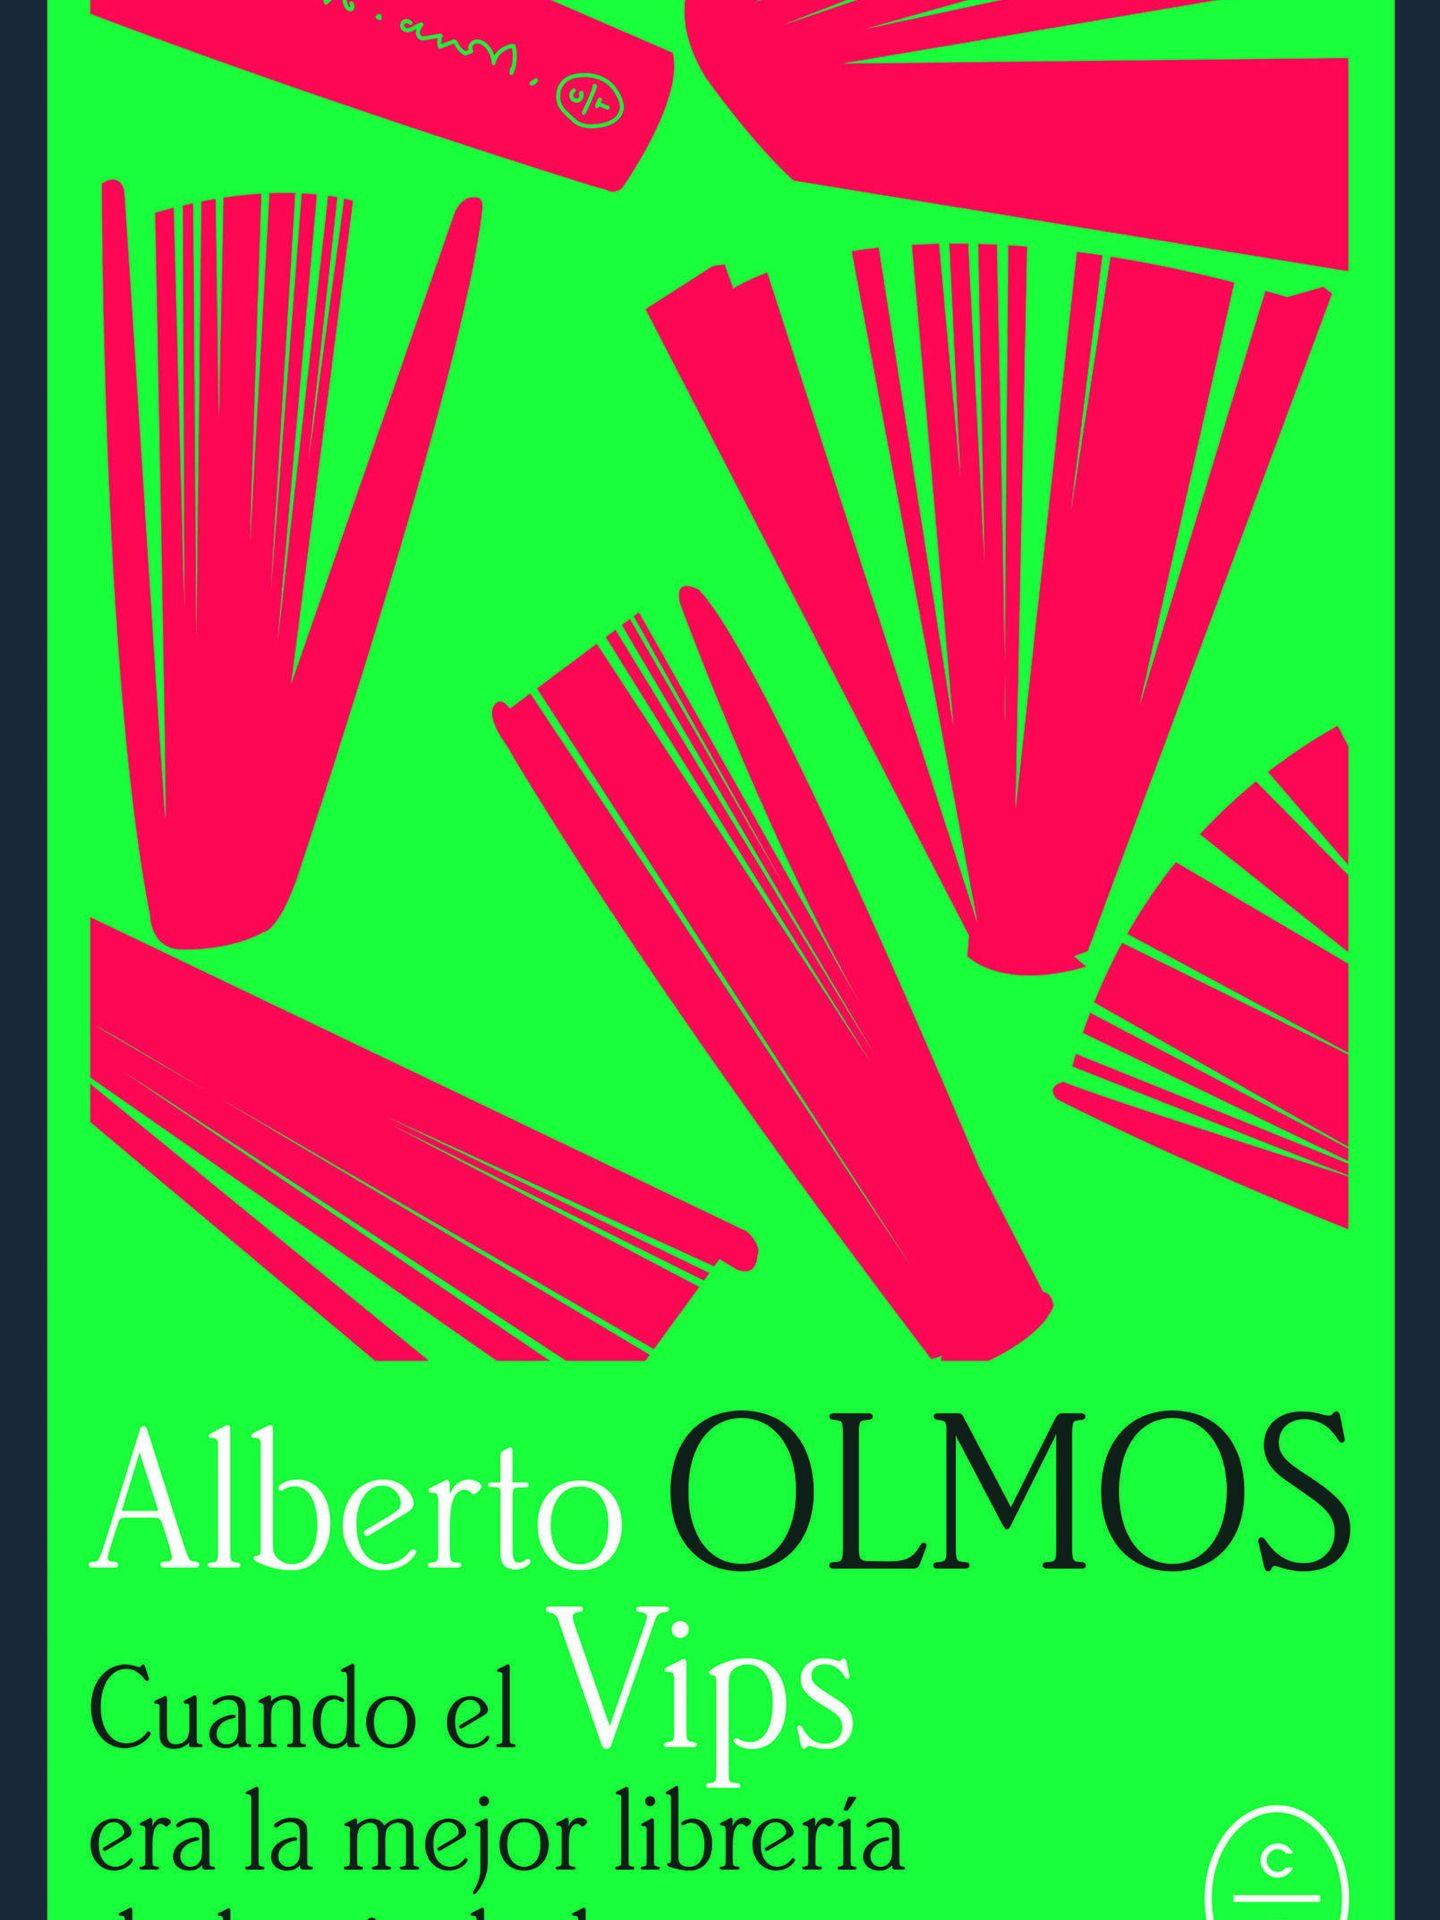 'Cuando el Vips era la mejor librería de la ciudad'. (Círculo de Tiza)